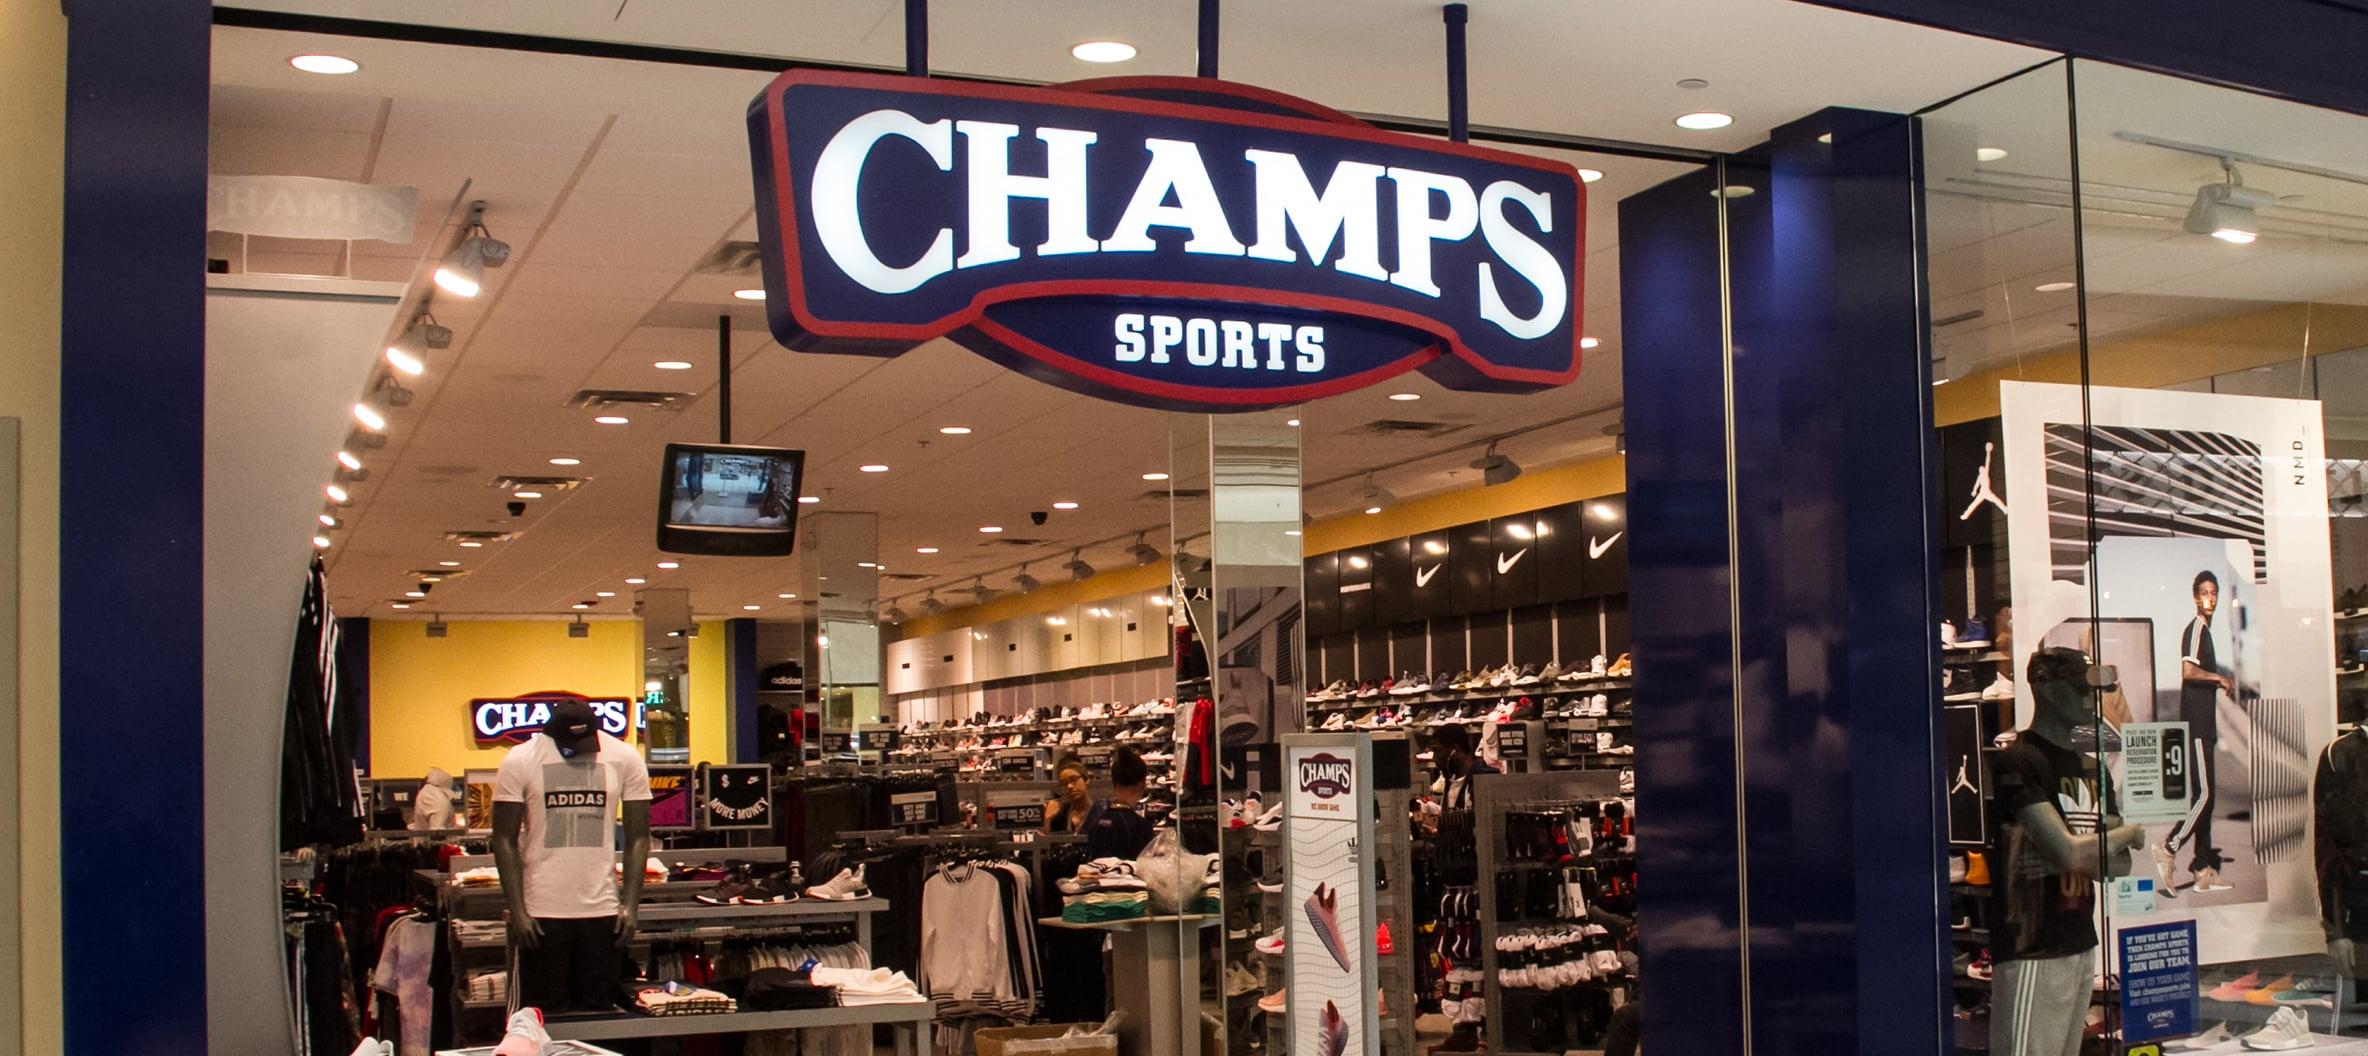 Presentador itálico Composición  Champs Sports | Tampa | International Plaza and Bay Street